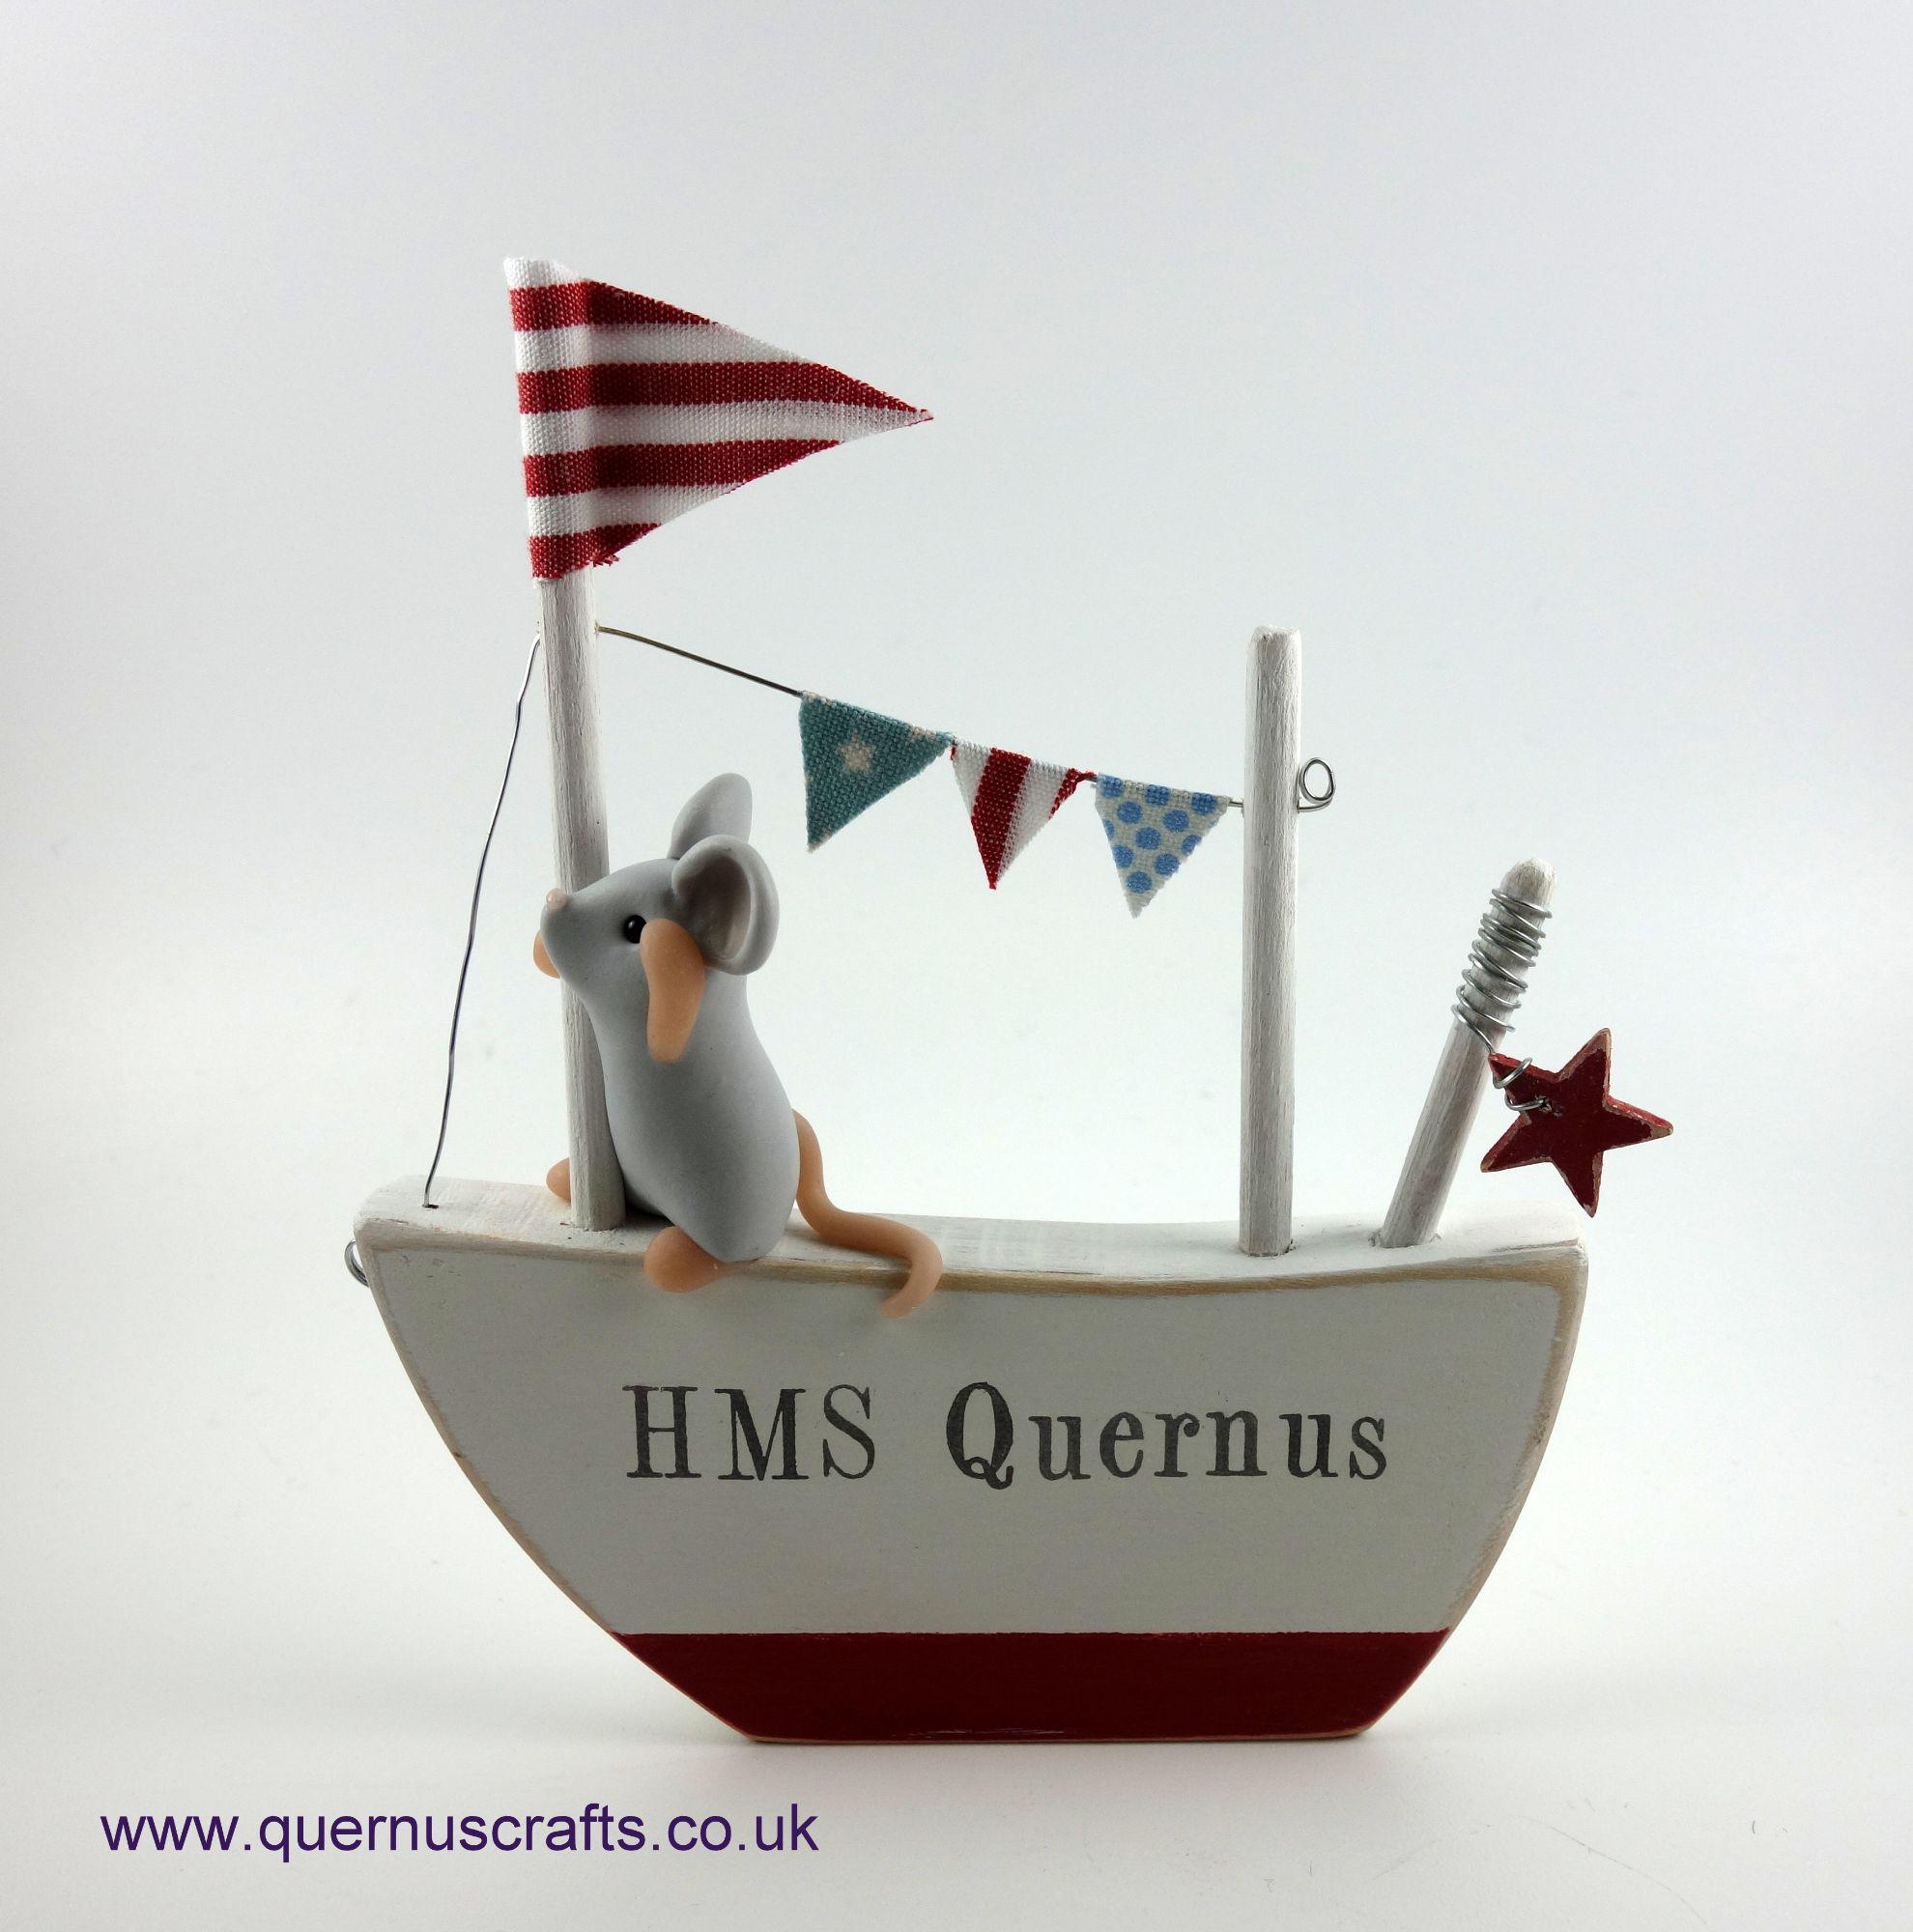 Captain Mouse and HMS Quernus